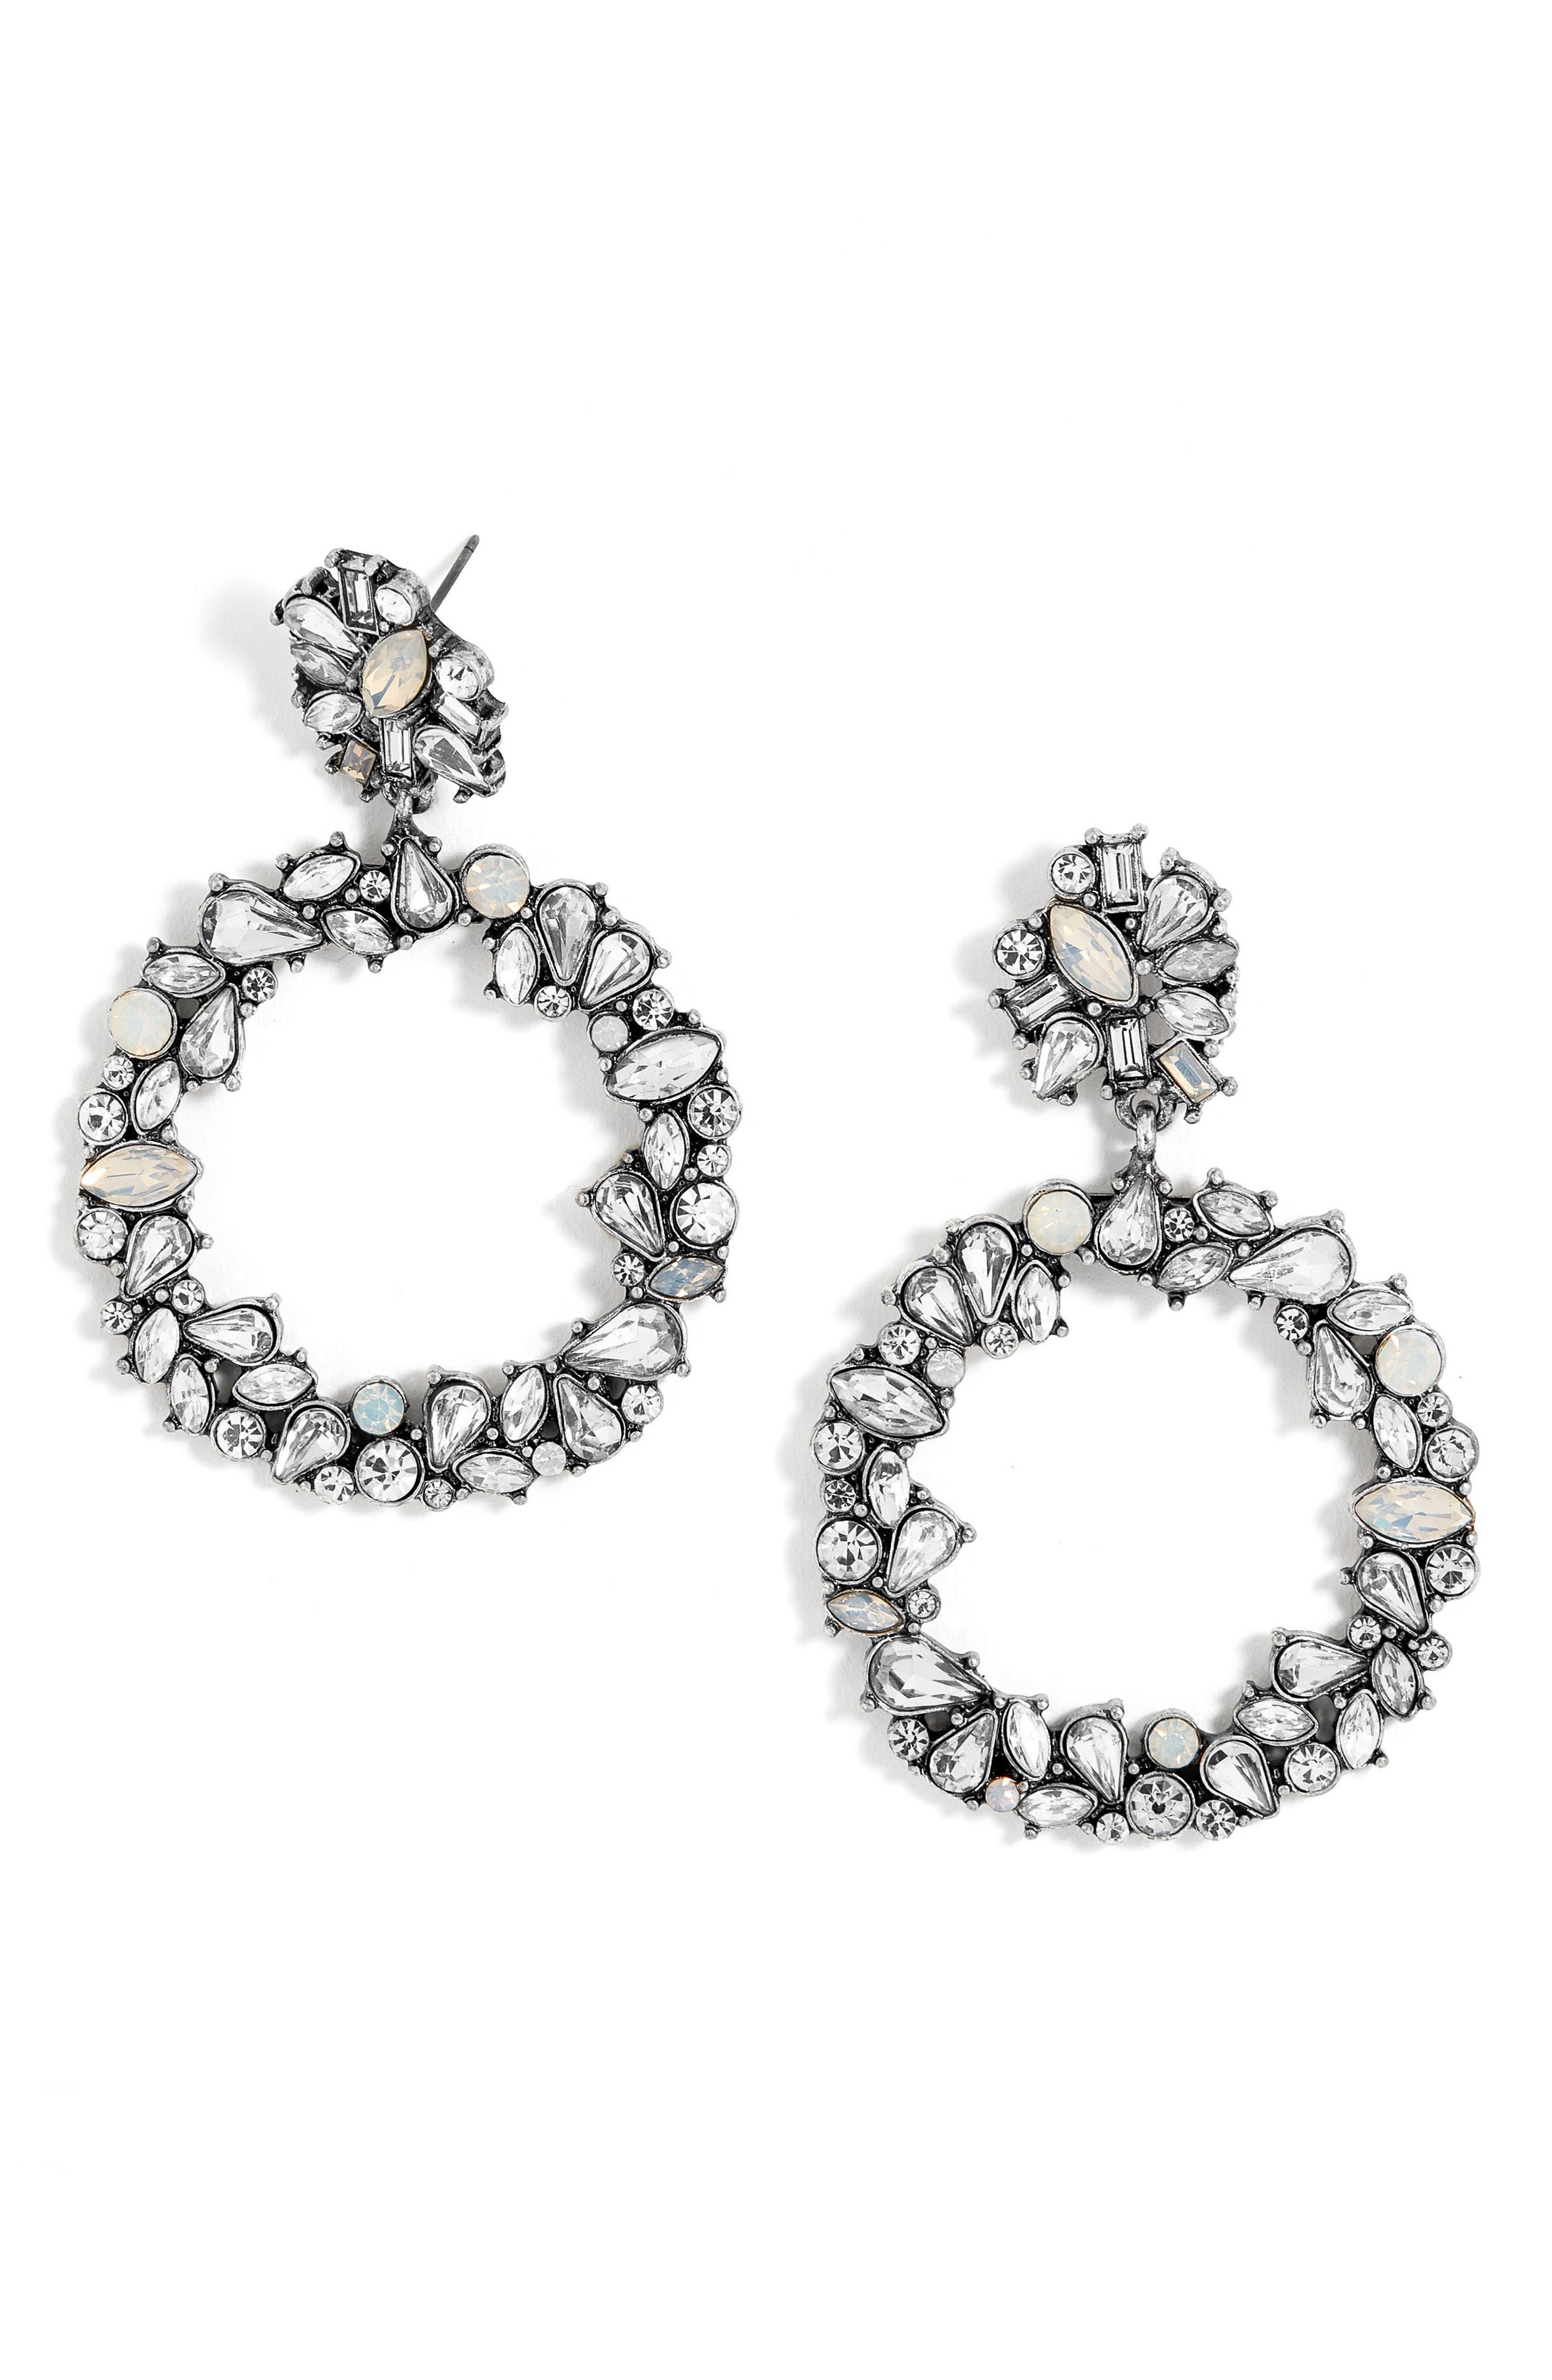 Andorra Crystal Hoop Earrings,                         Main,                         color, Antique Silver